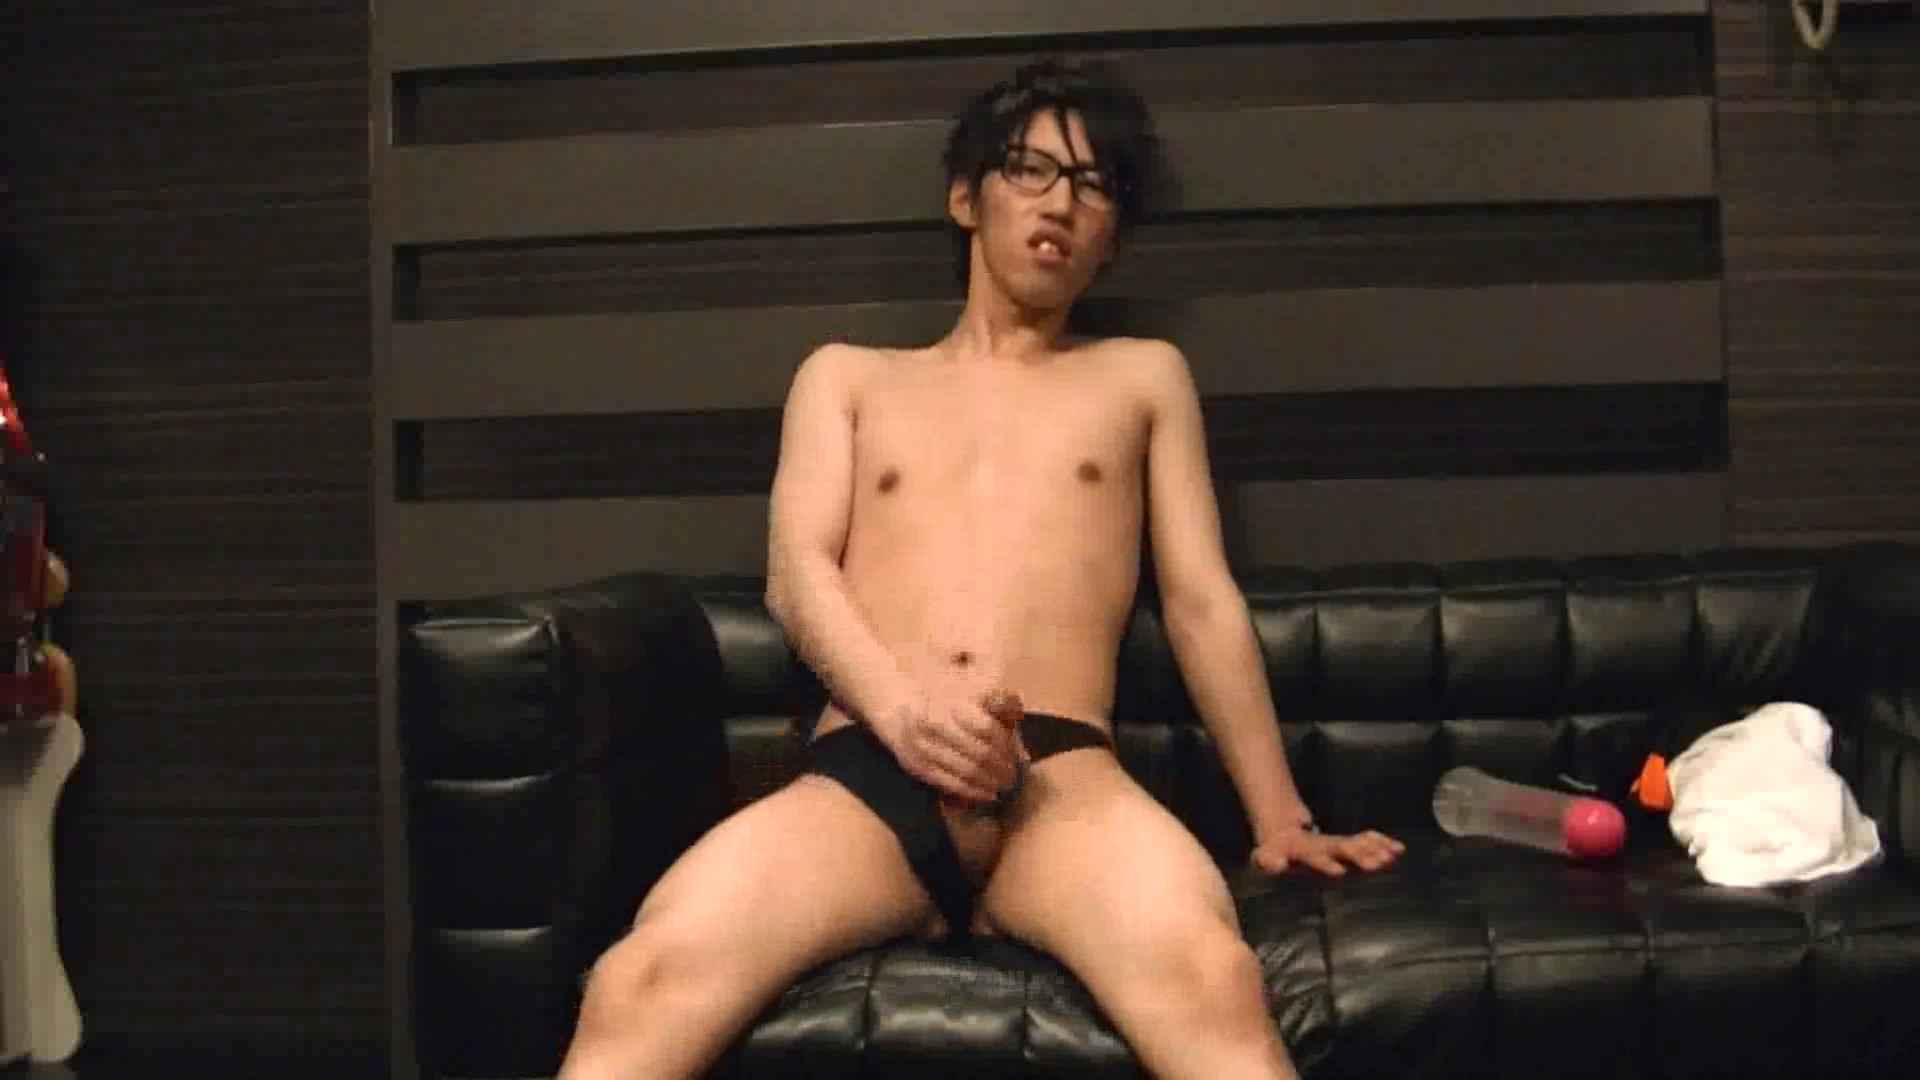 ONA見せカーニバル!! Vol3 男の世界  98画像 94